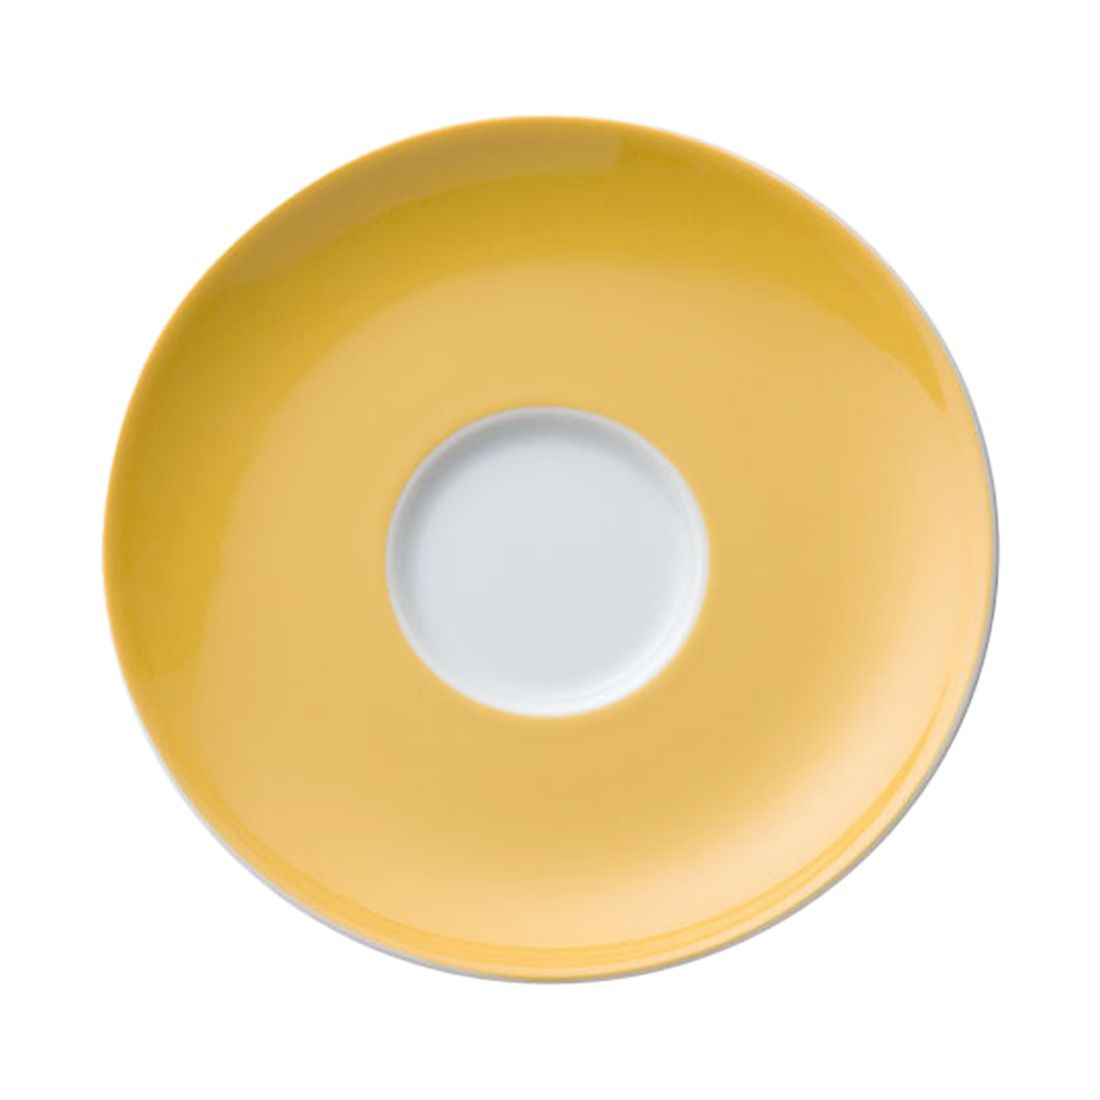 Untertasse Sunny Day – Porzellan Gelb, Thomas kaufen